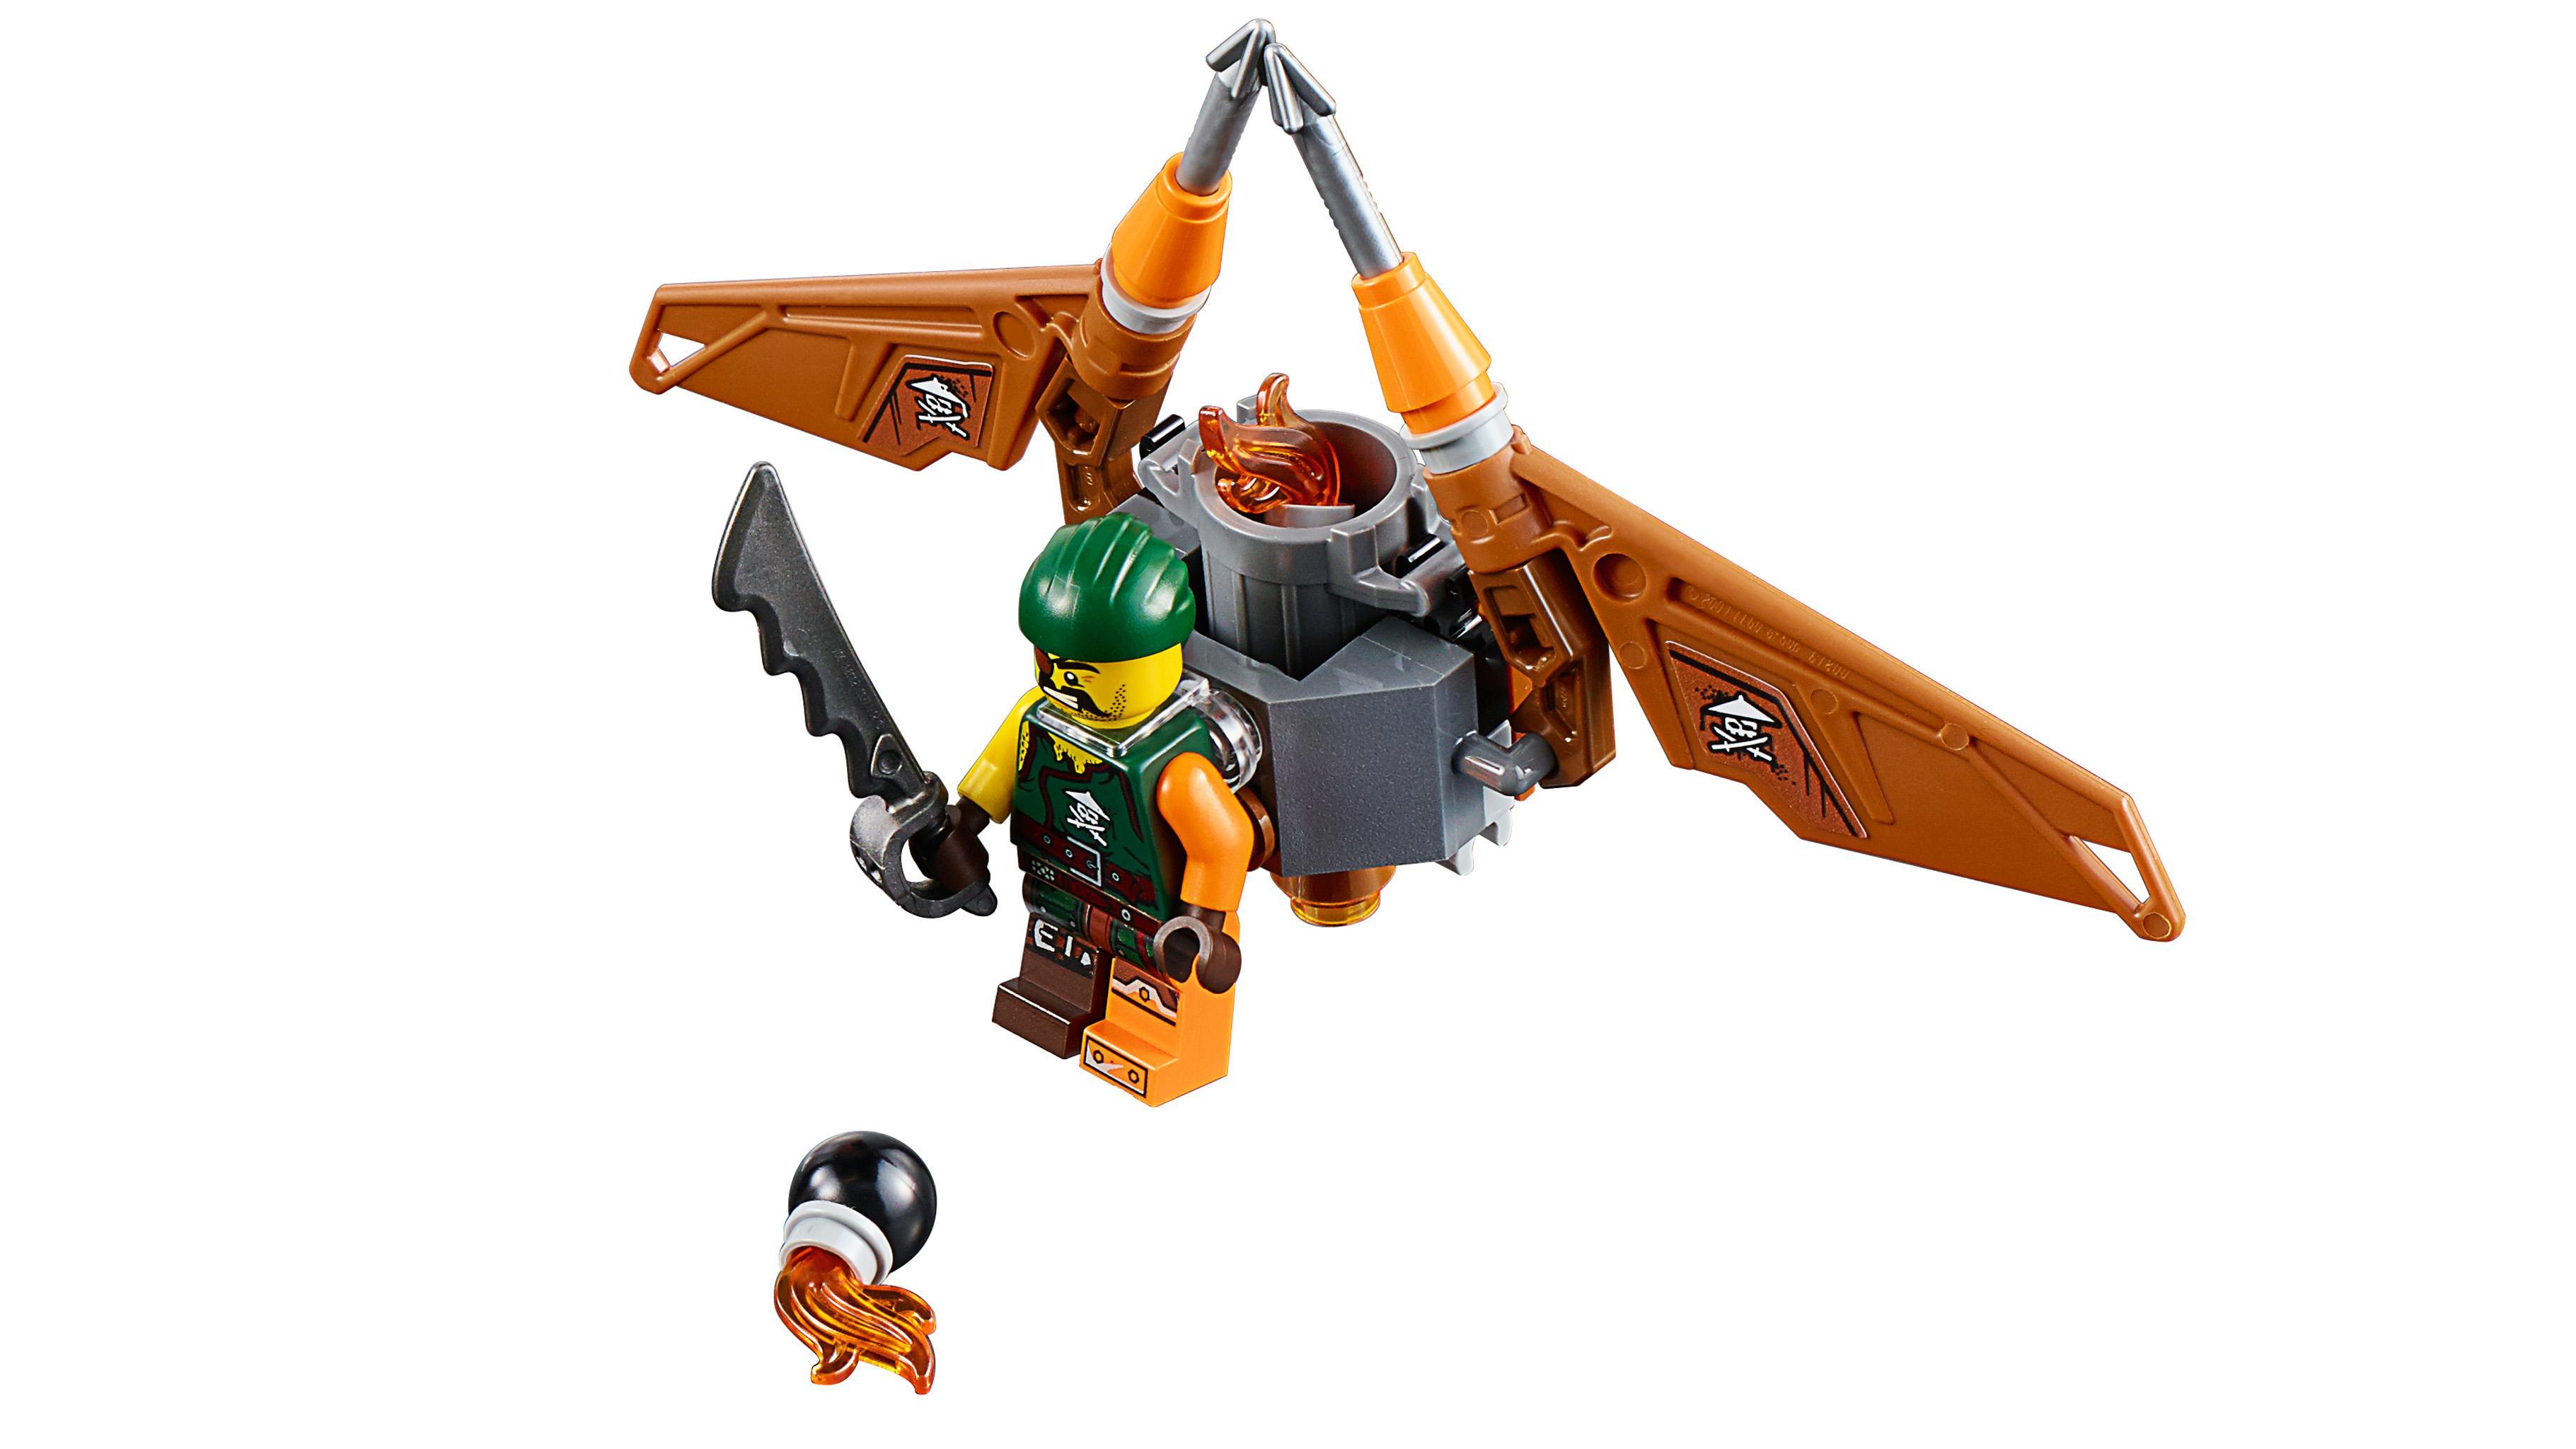 Lego Ninja Toys : Lego ninjago ninja bike chase playset amazon